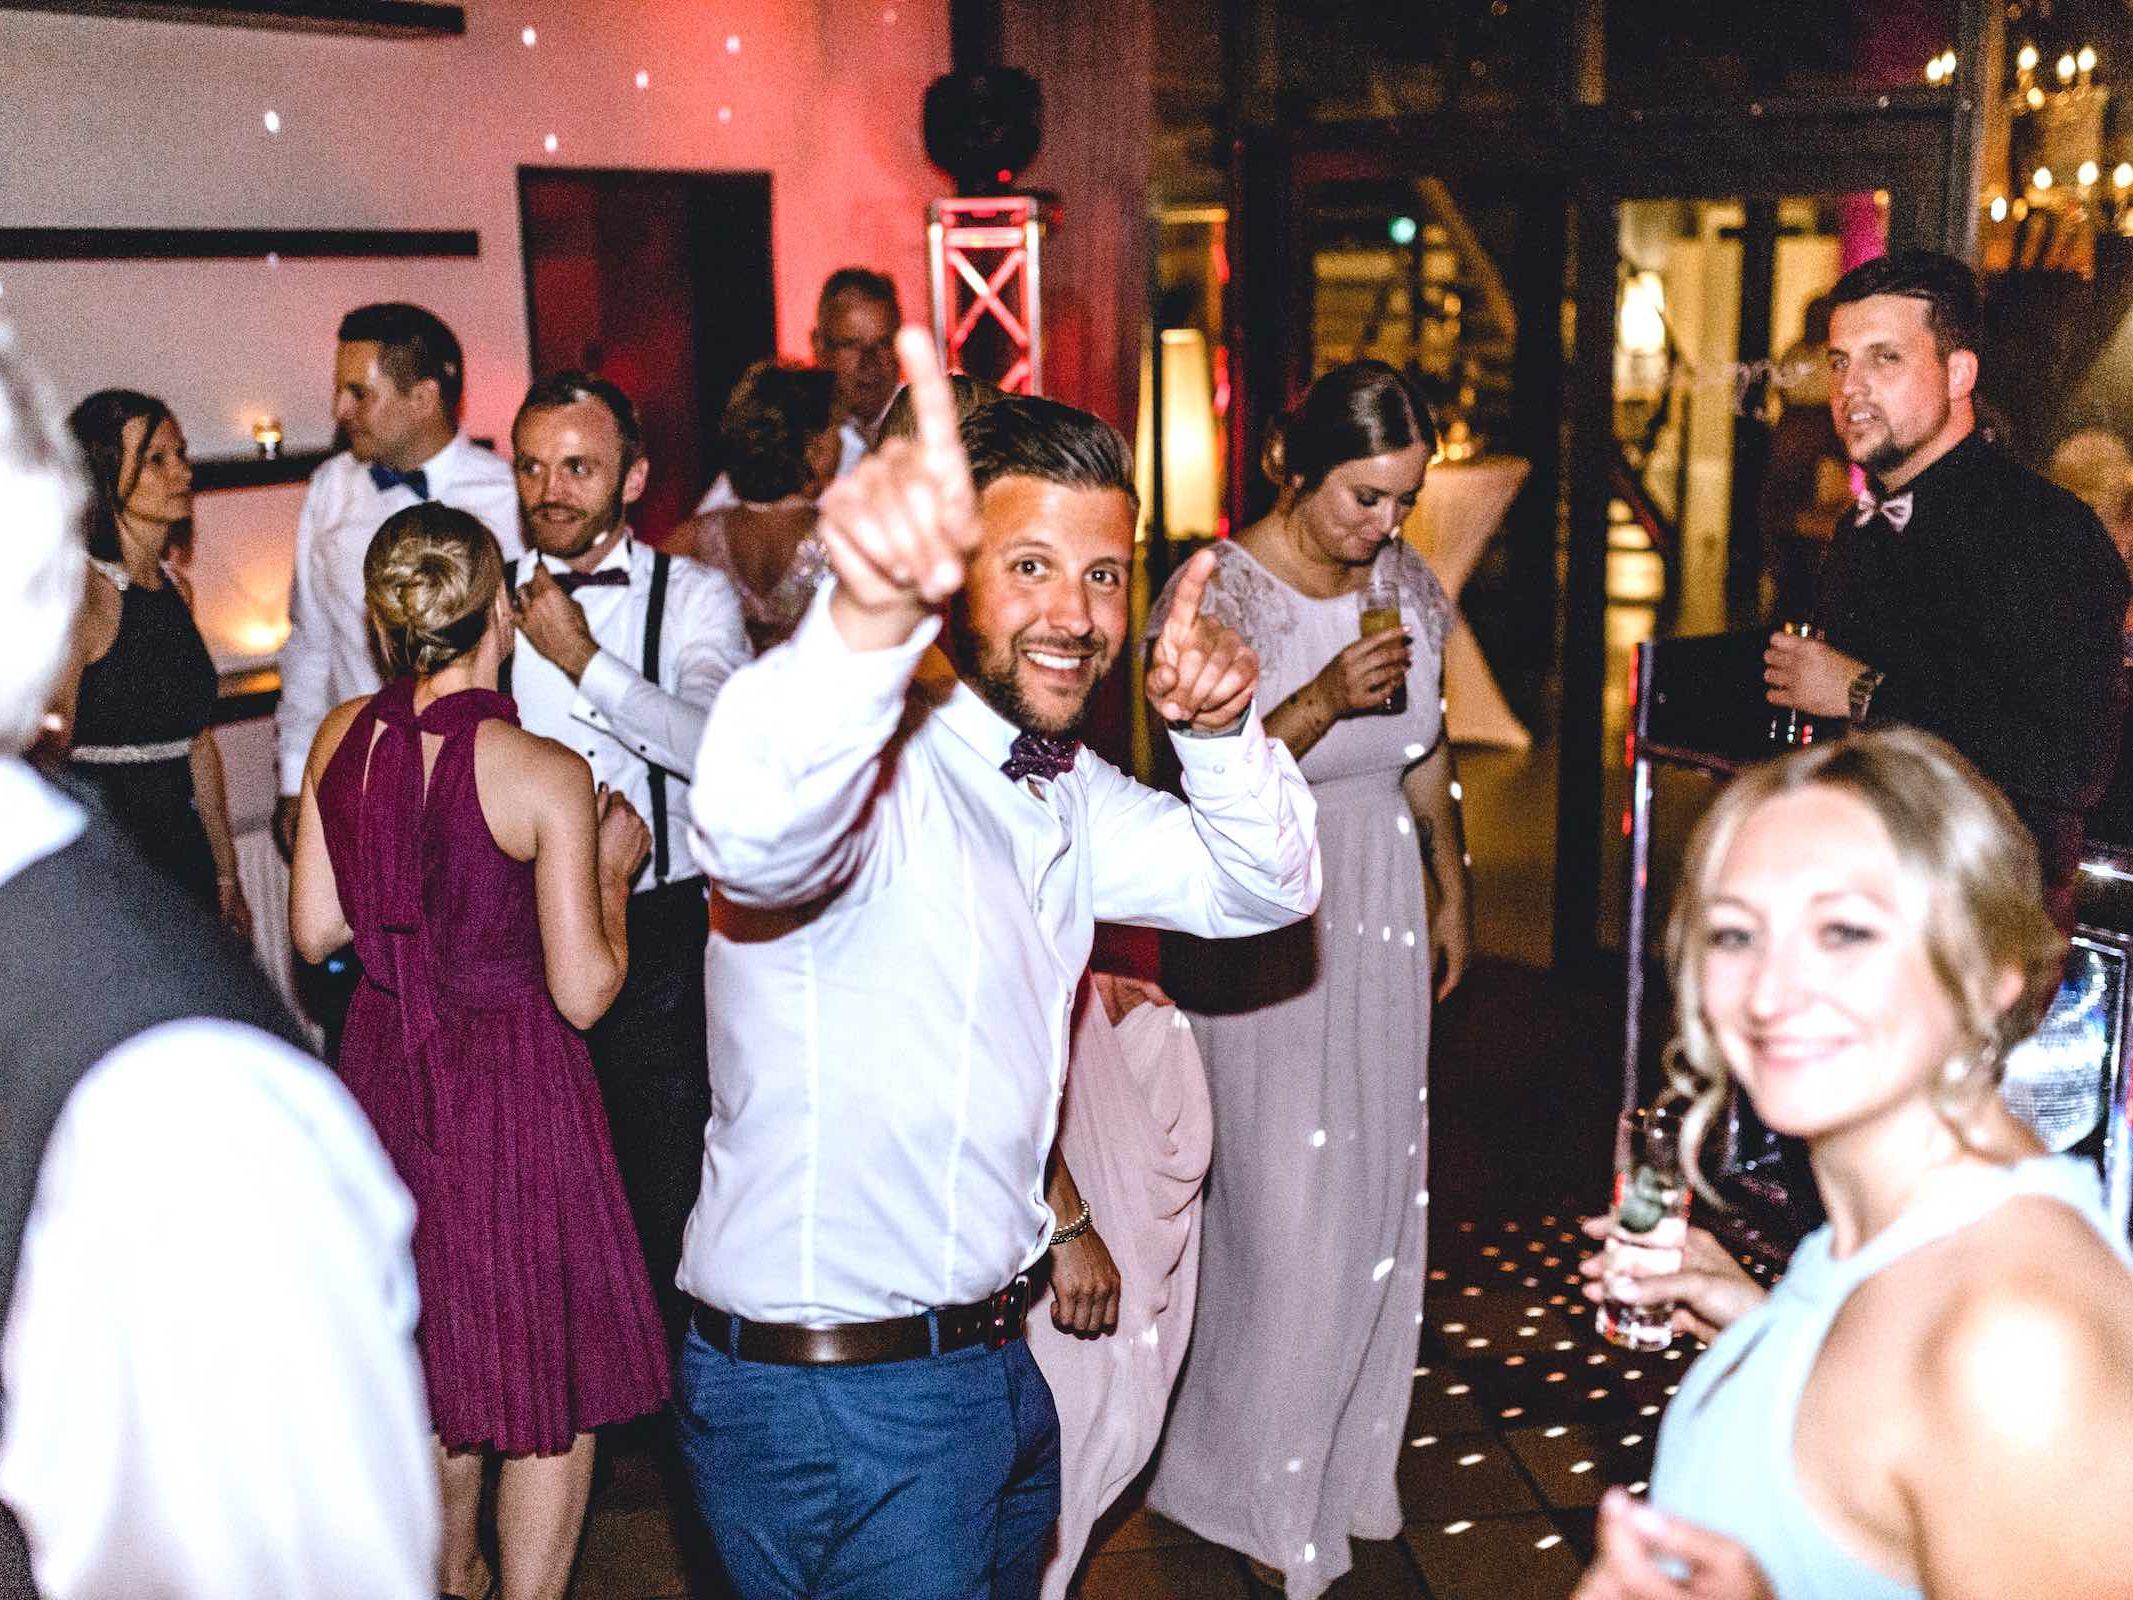 DJ | Hochzeit | Hannover | Braunschweig | DJ | Agentur | Hochzeits | DJ | Messe | DJ | Firmenevent | Firmenfeier | DJ | Geburtstag | Discjockey | Weihnachtsfeier | DJ | Sommerfest | Event | Buchen | Mieten | Lehmann | Eventservice